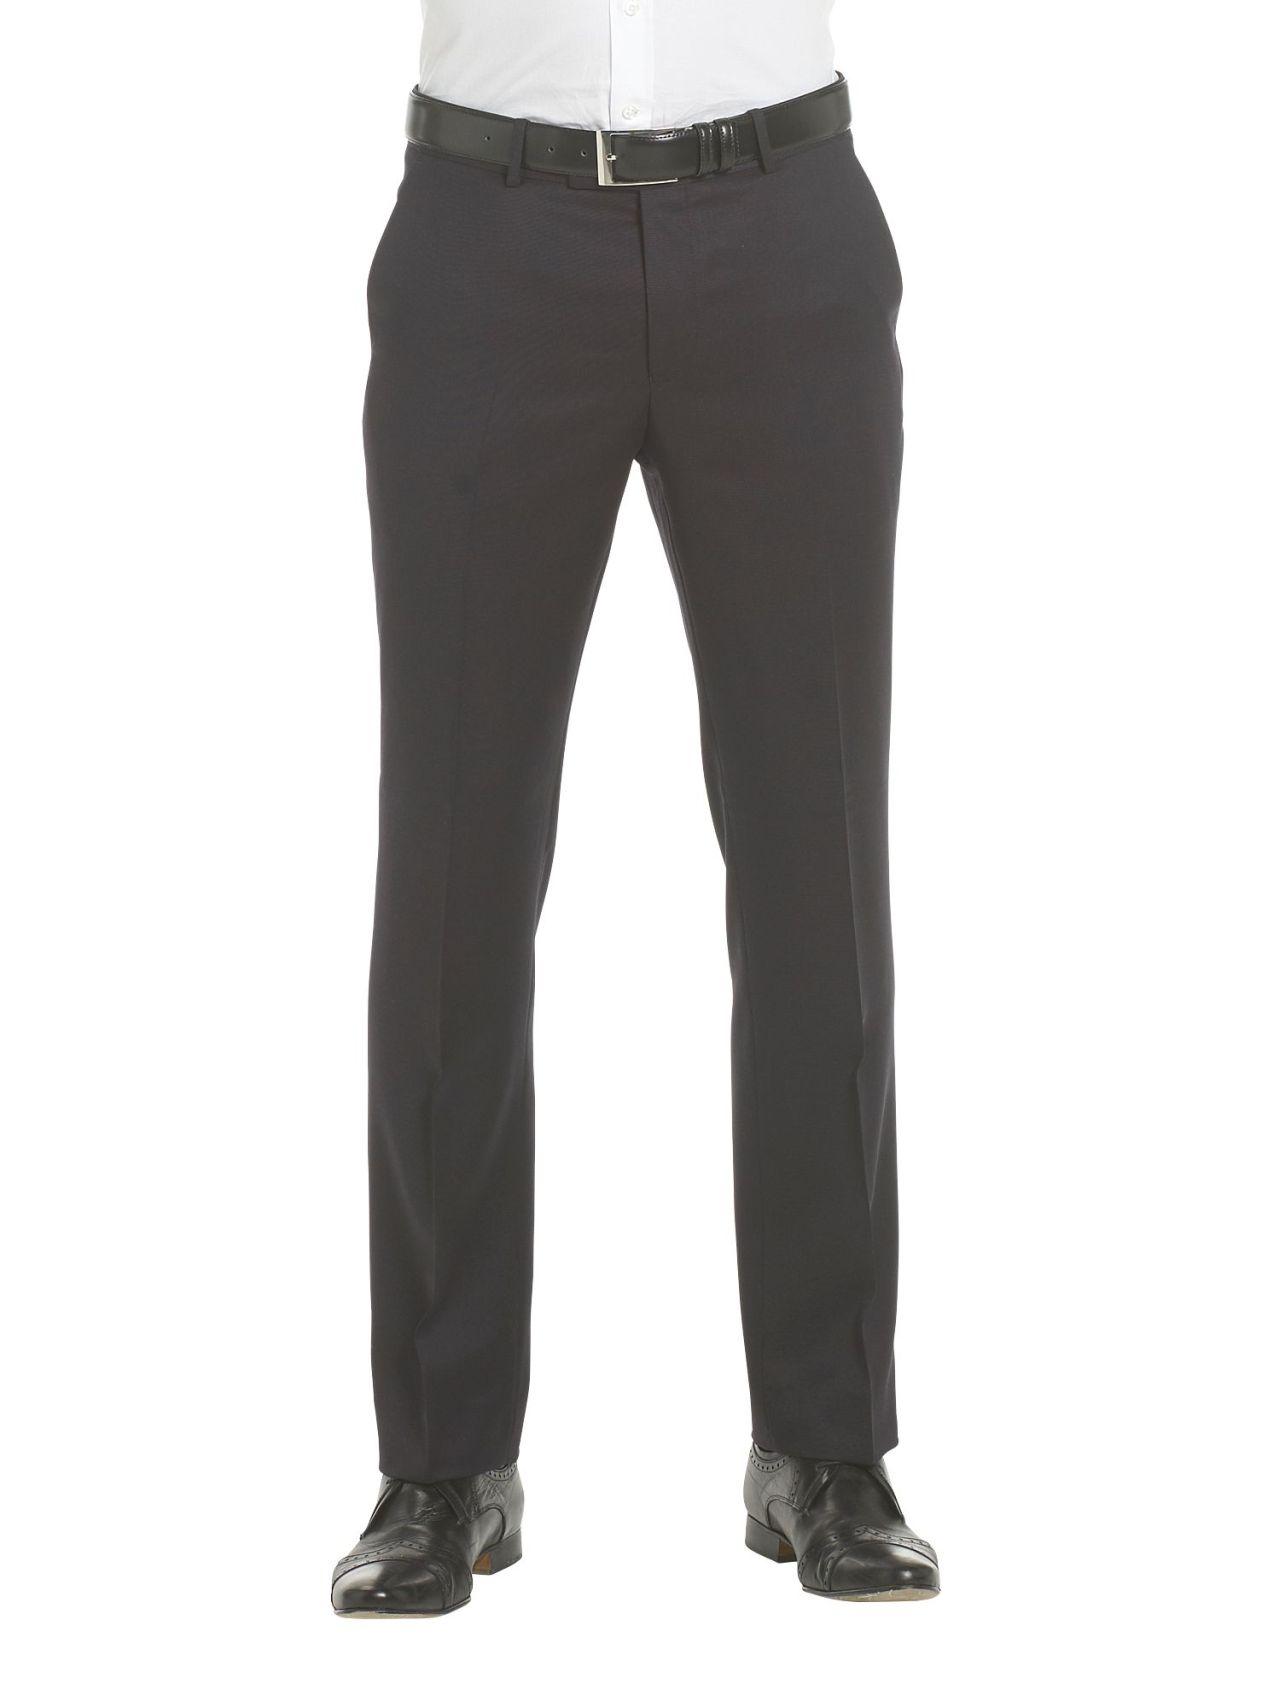 Moda męska - jaki typ spodni wybrać?